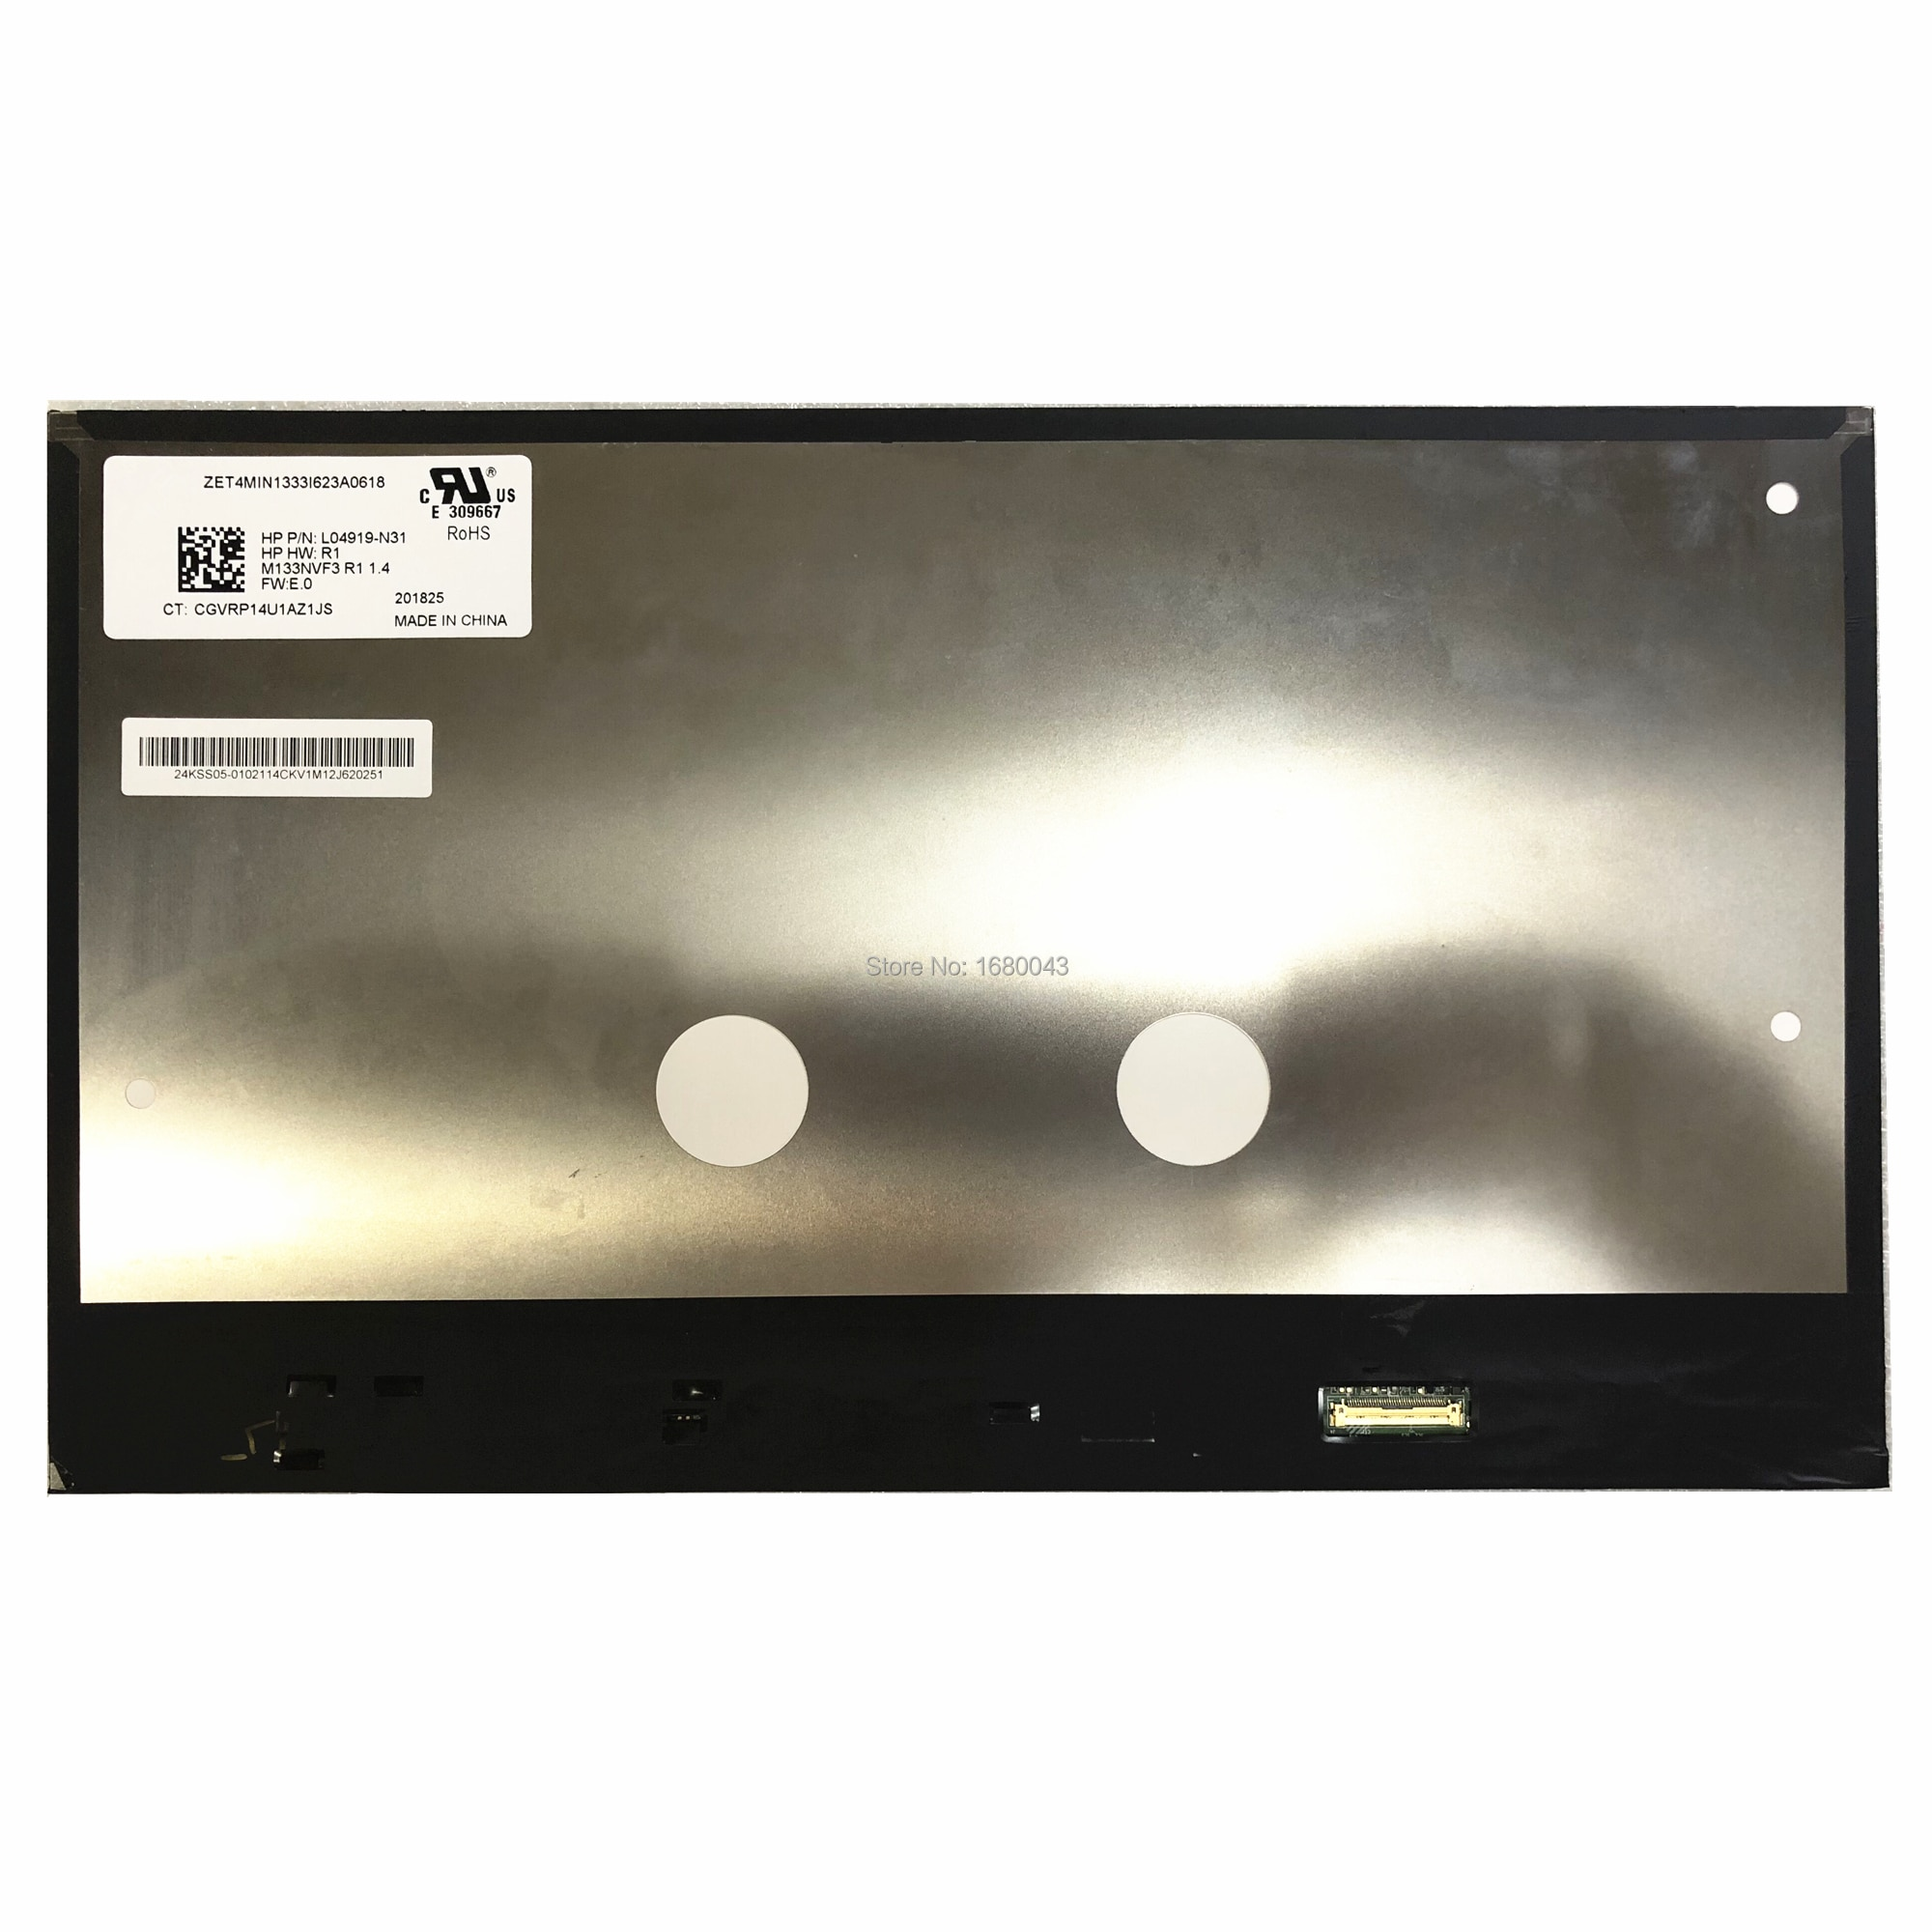 شاشة LCD M133NVF3 R1 للكمبيوتر المحمول HP EliteBook x360 1030 G2 G3 ، لوحة شاشة LCD 1920*1080